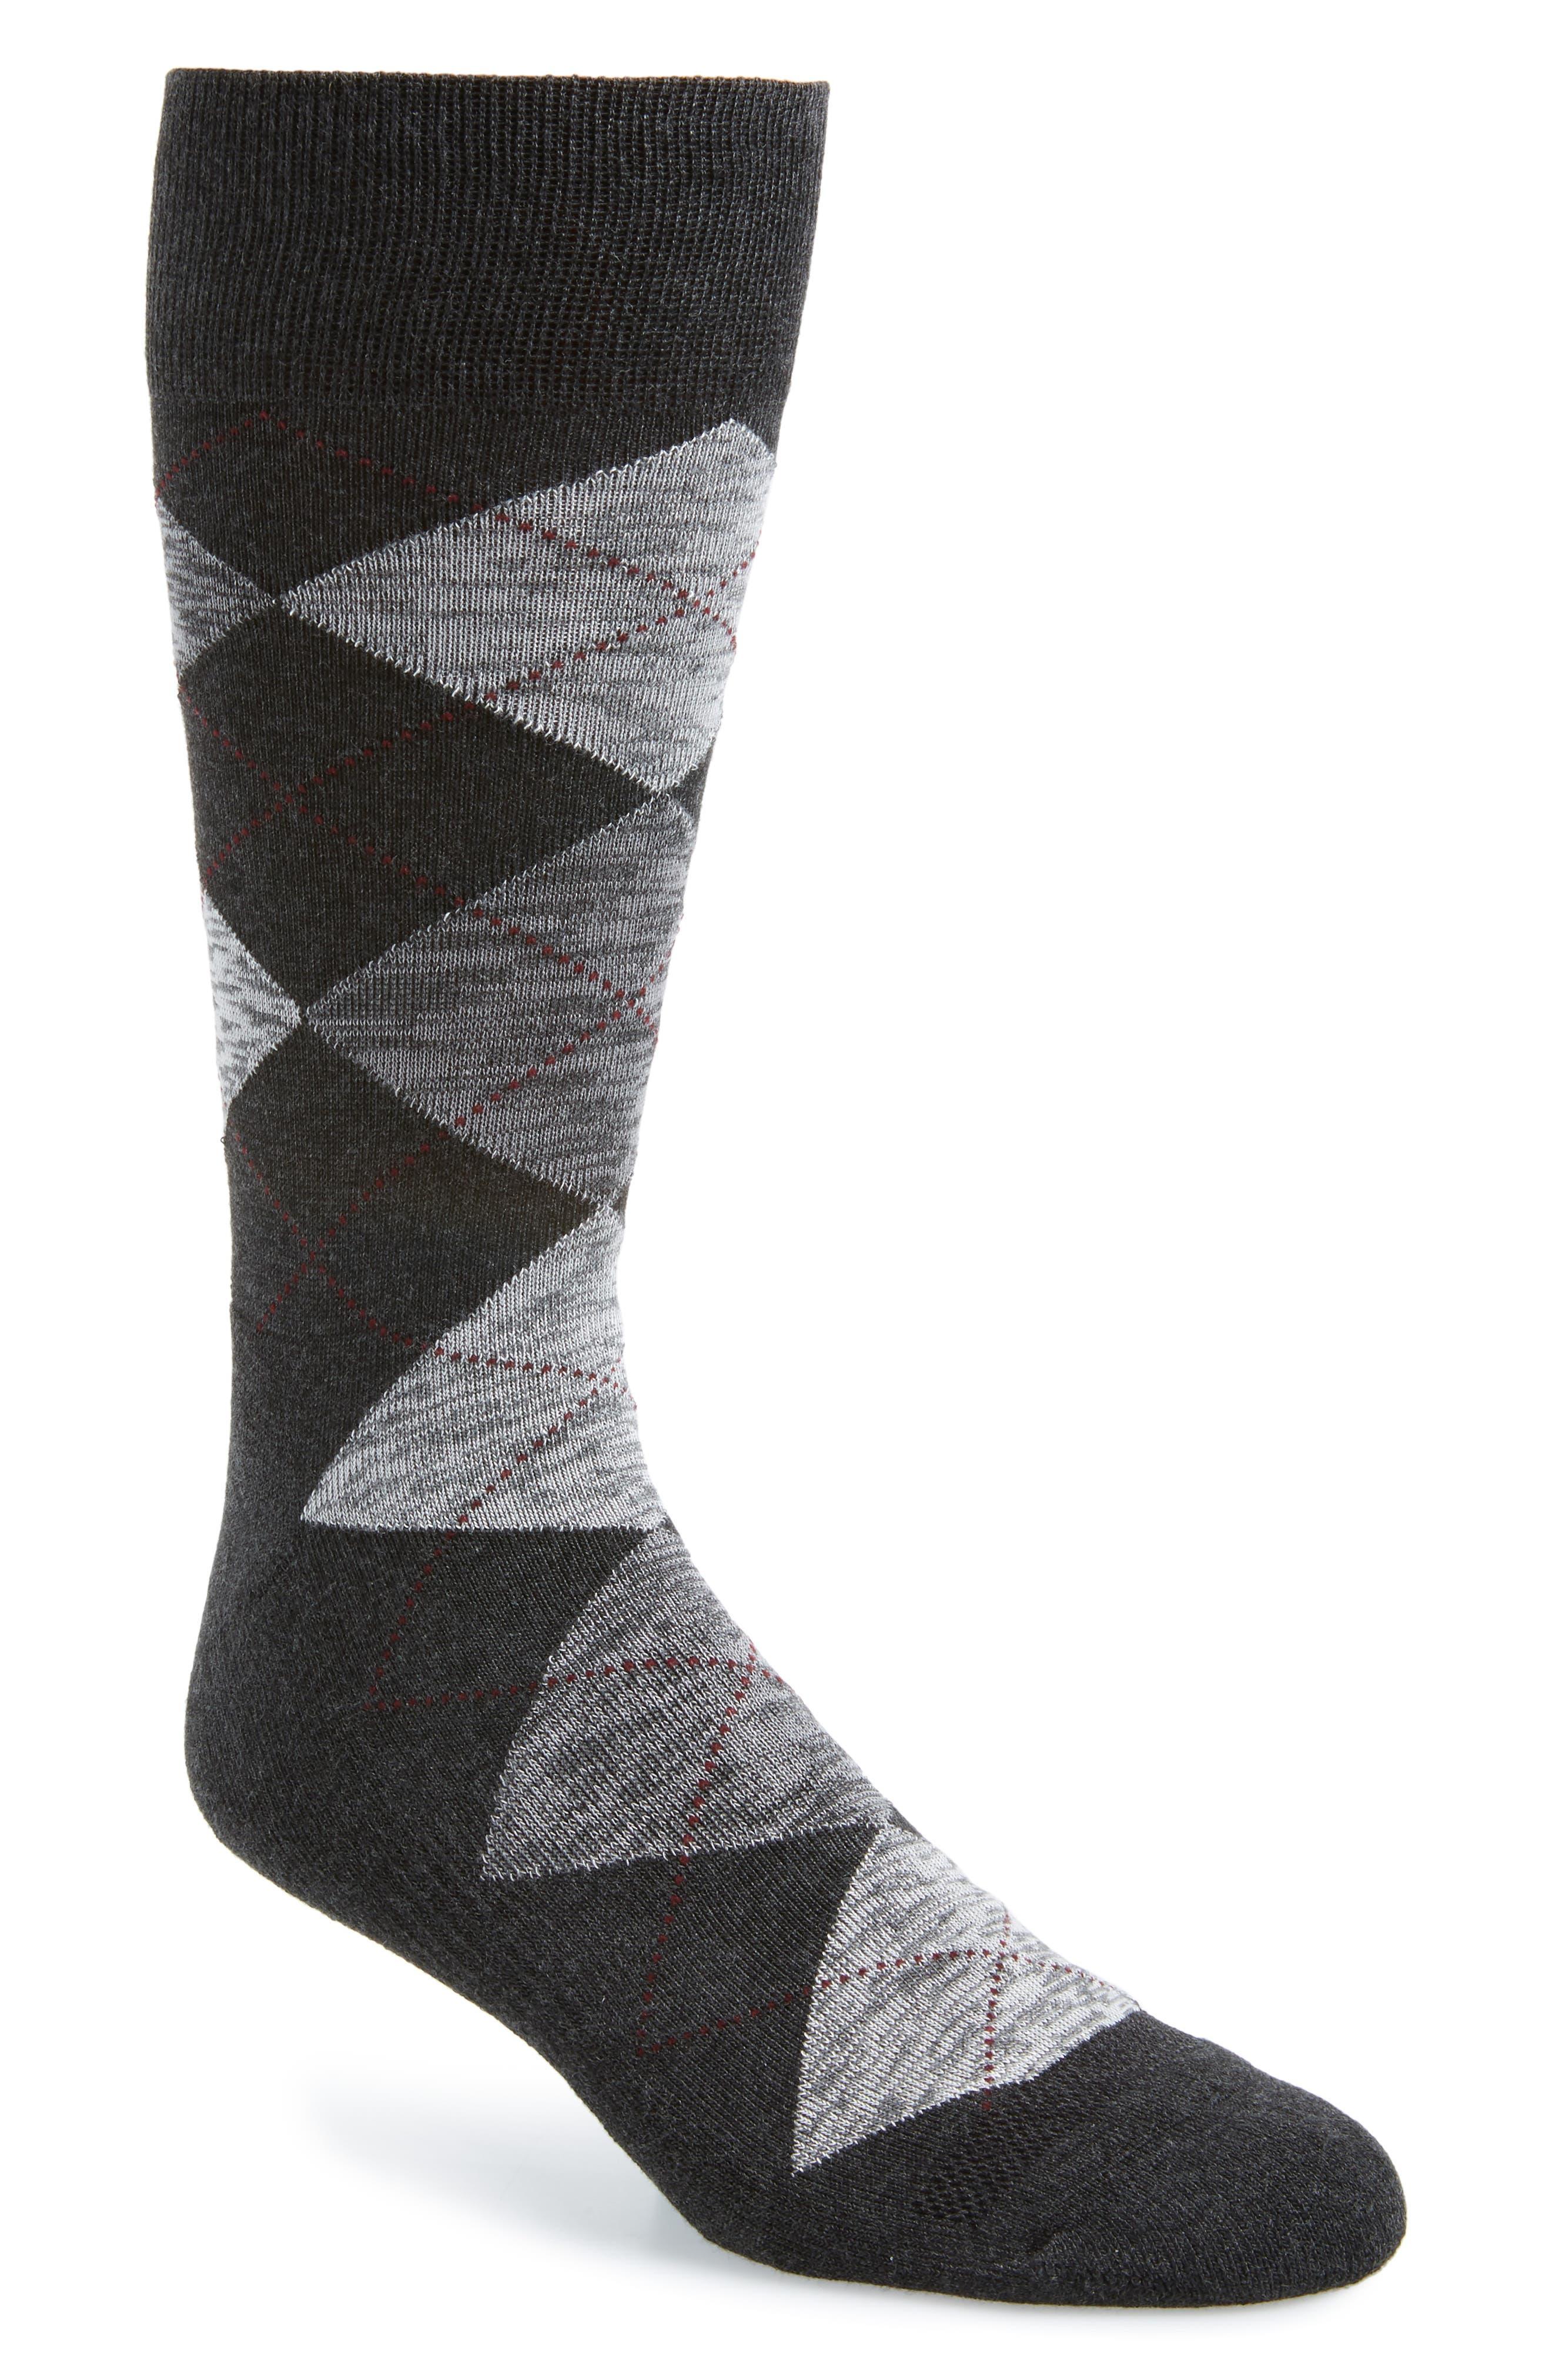 History of Vintage Men's Socks -1900 to 1960s Mens Nordstrom Mens Shop Marled Argyle Socks Size One Size - Grey $12.50 AT vintagedancer.com